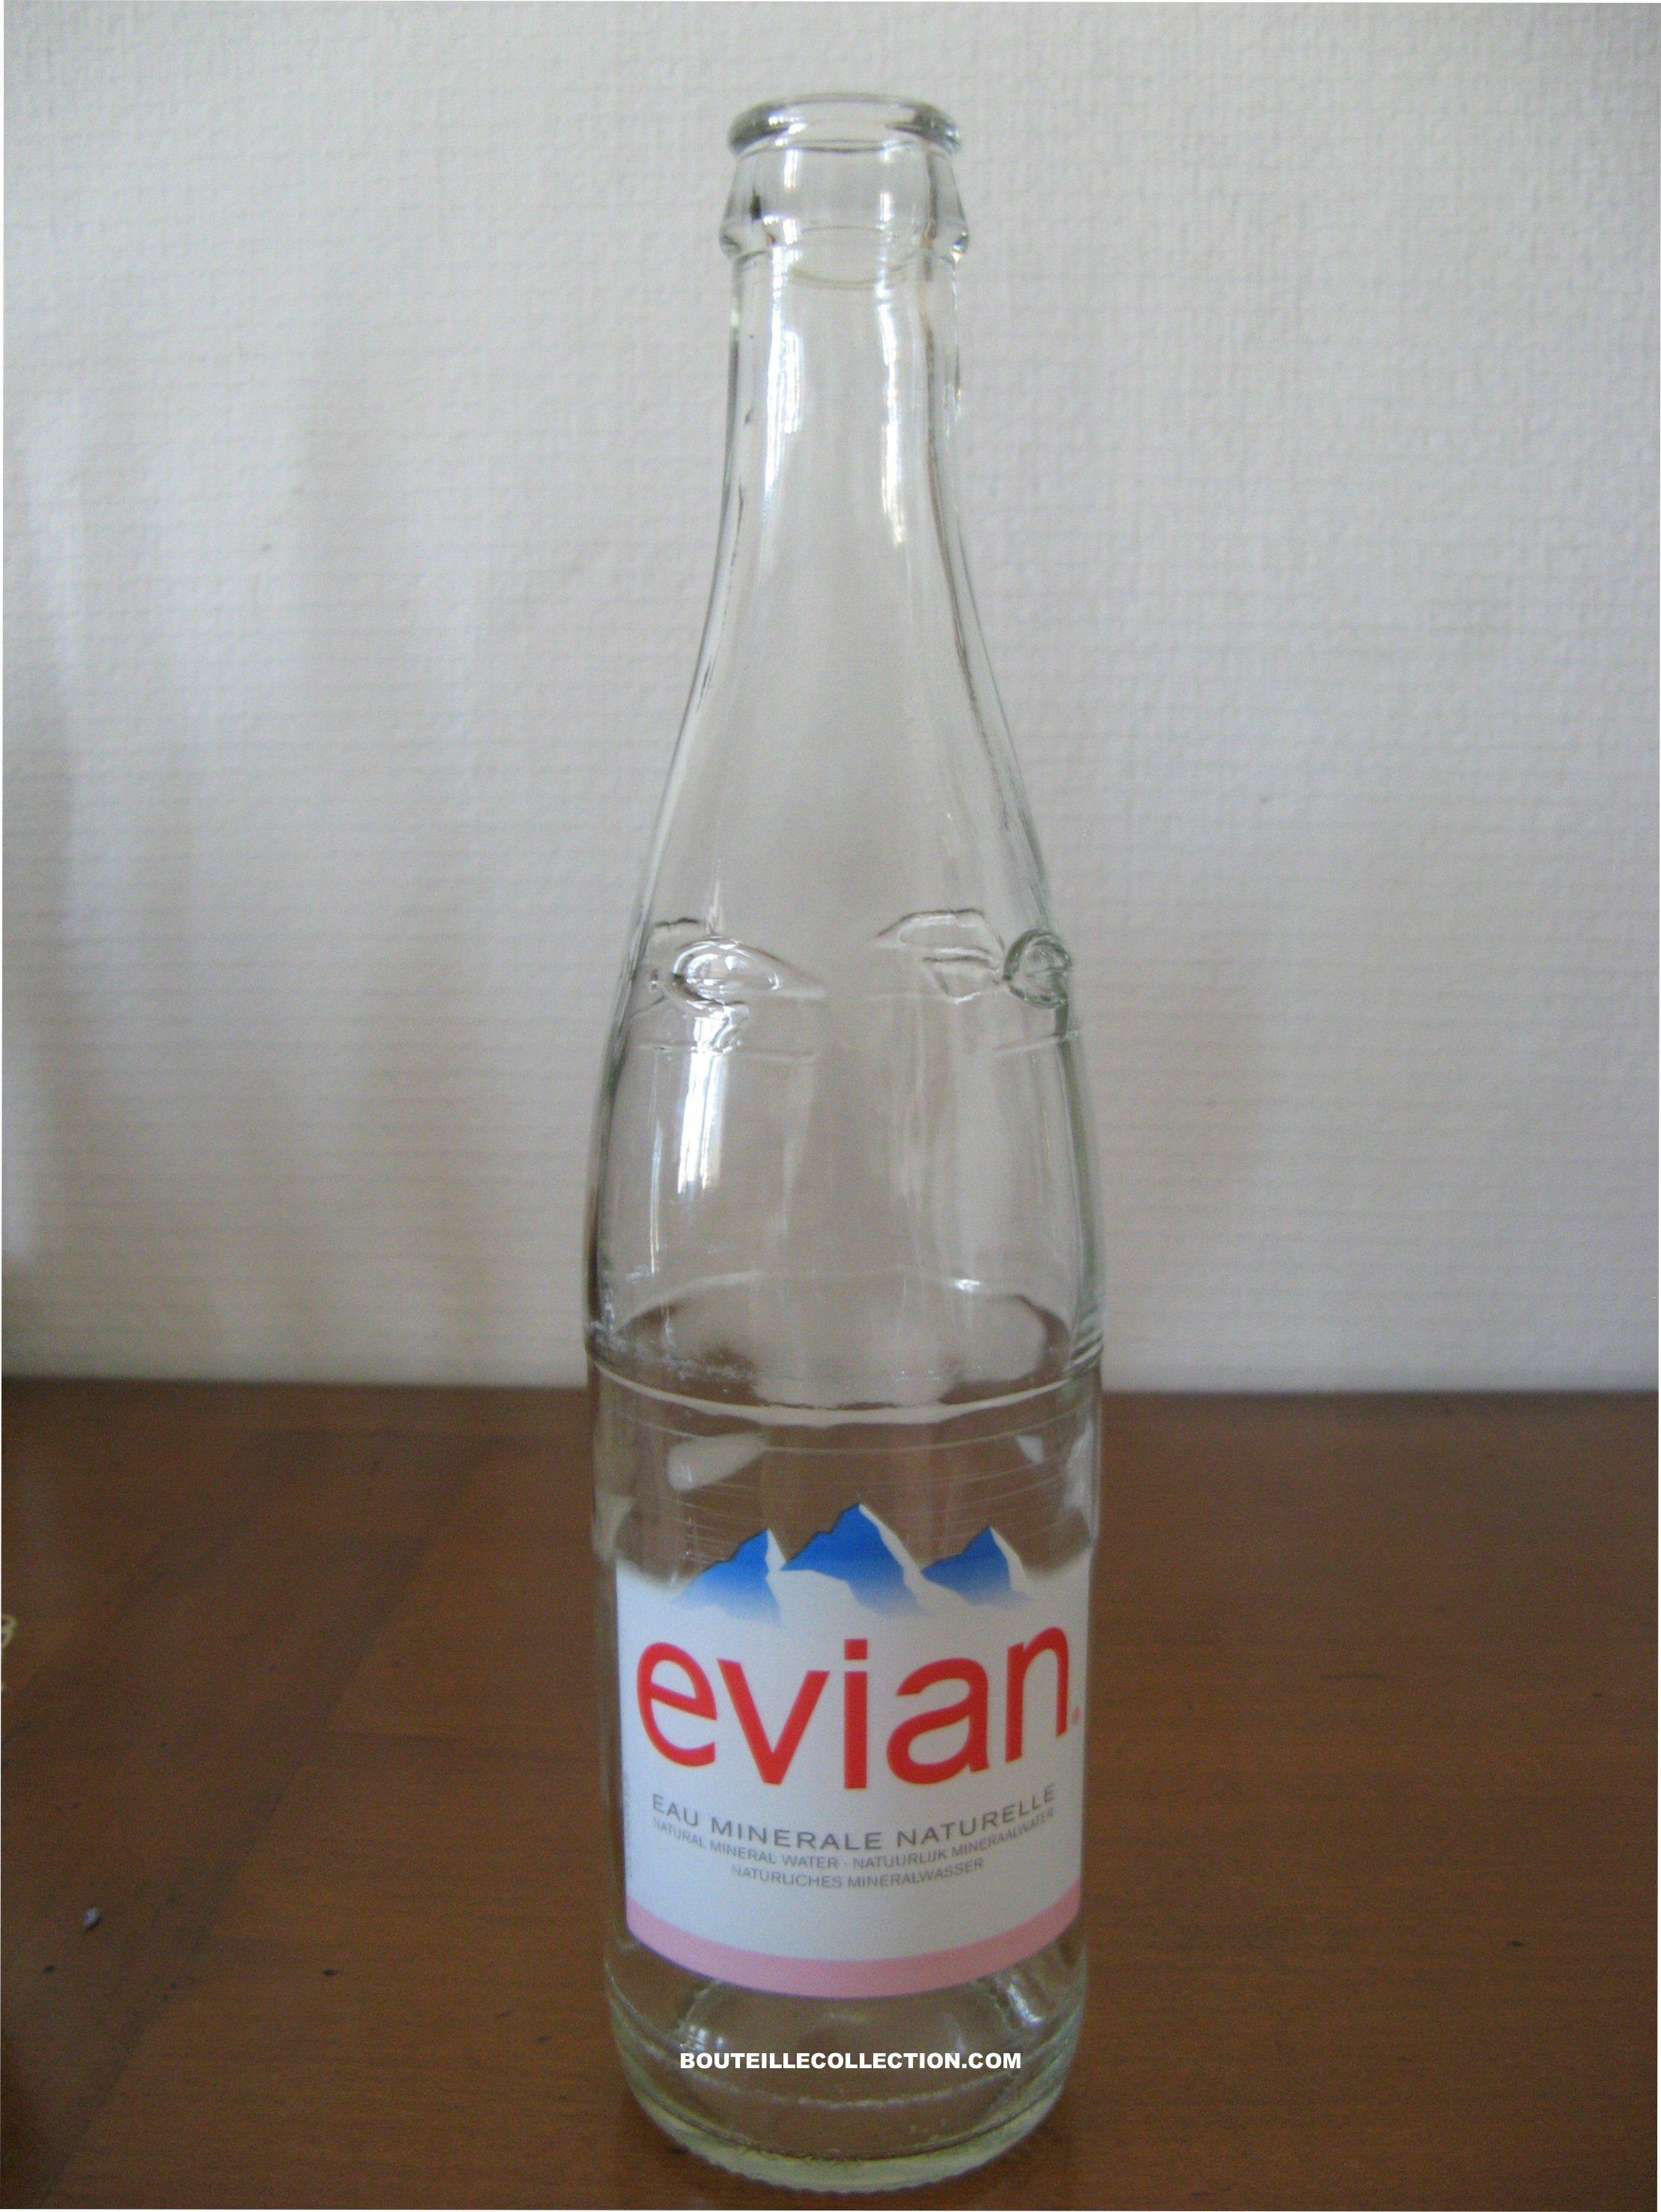 0 EVIAN 50CL B .JPG